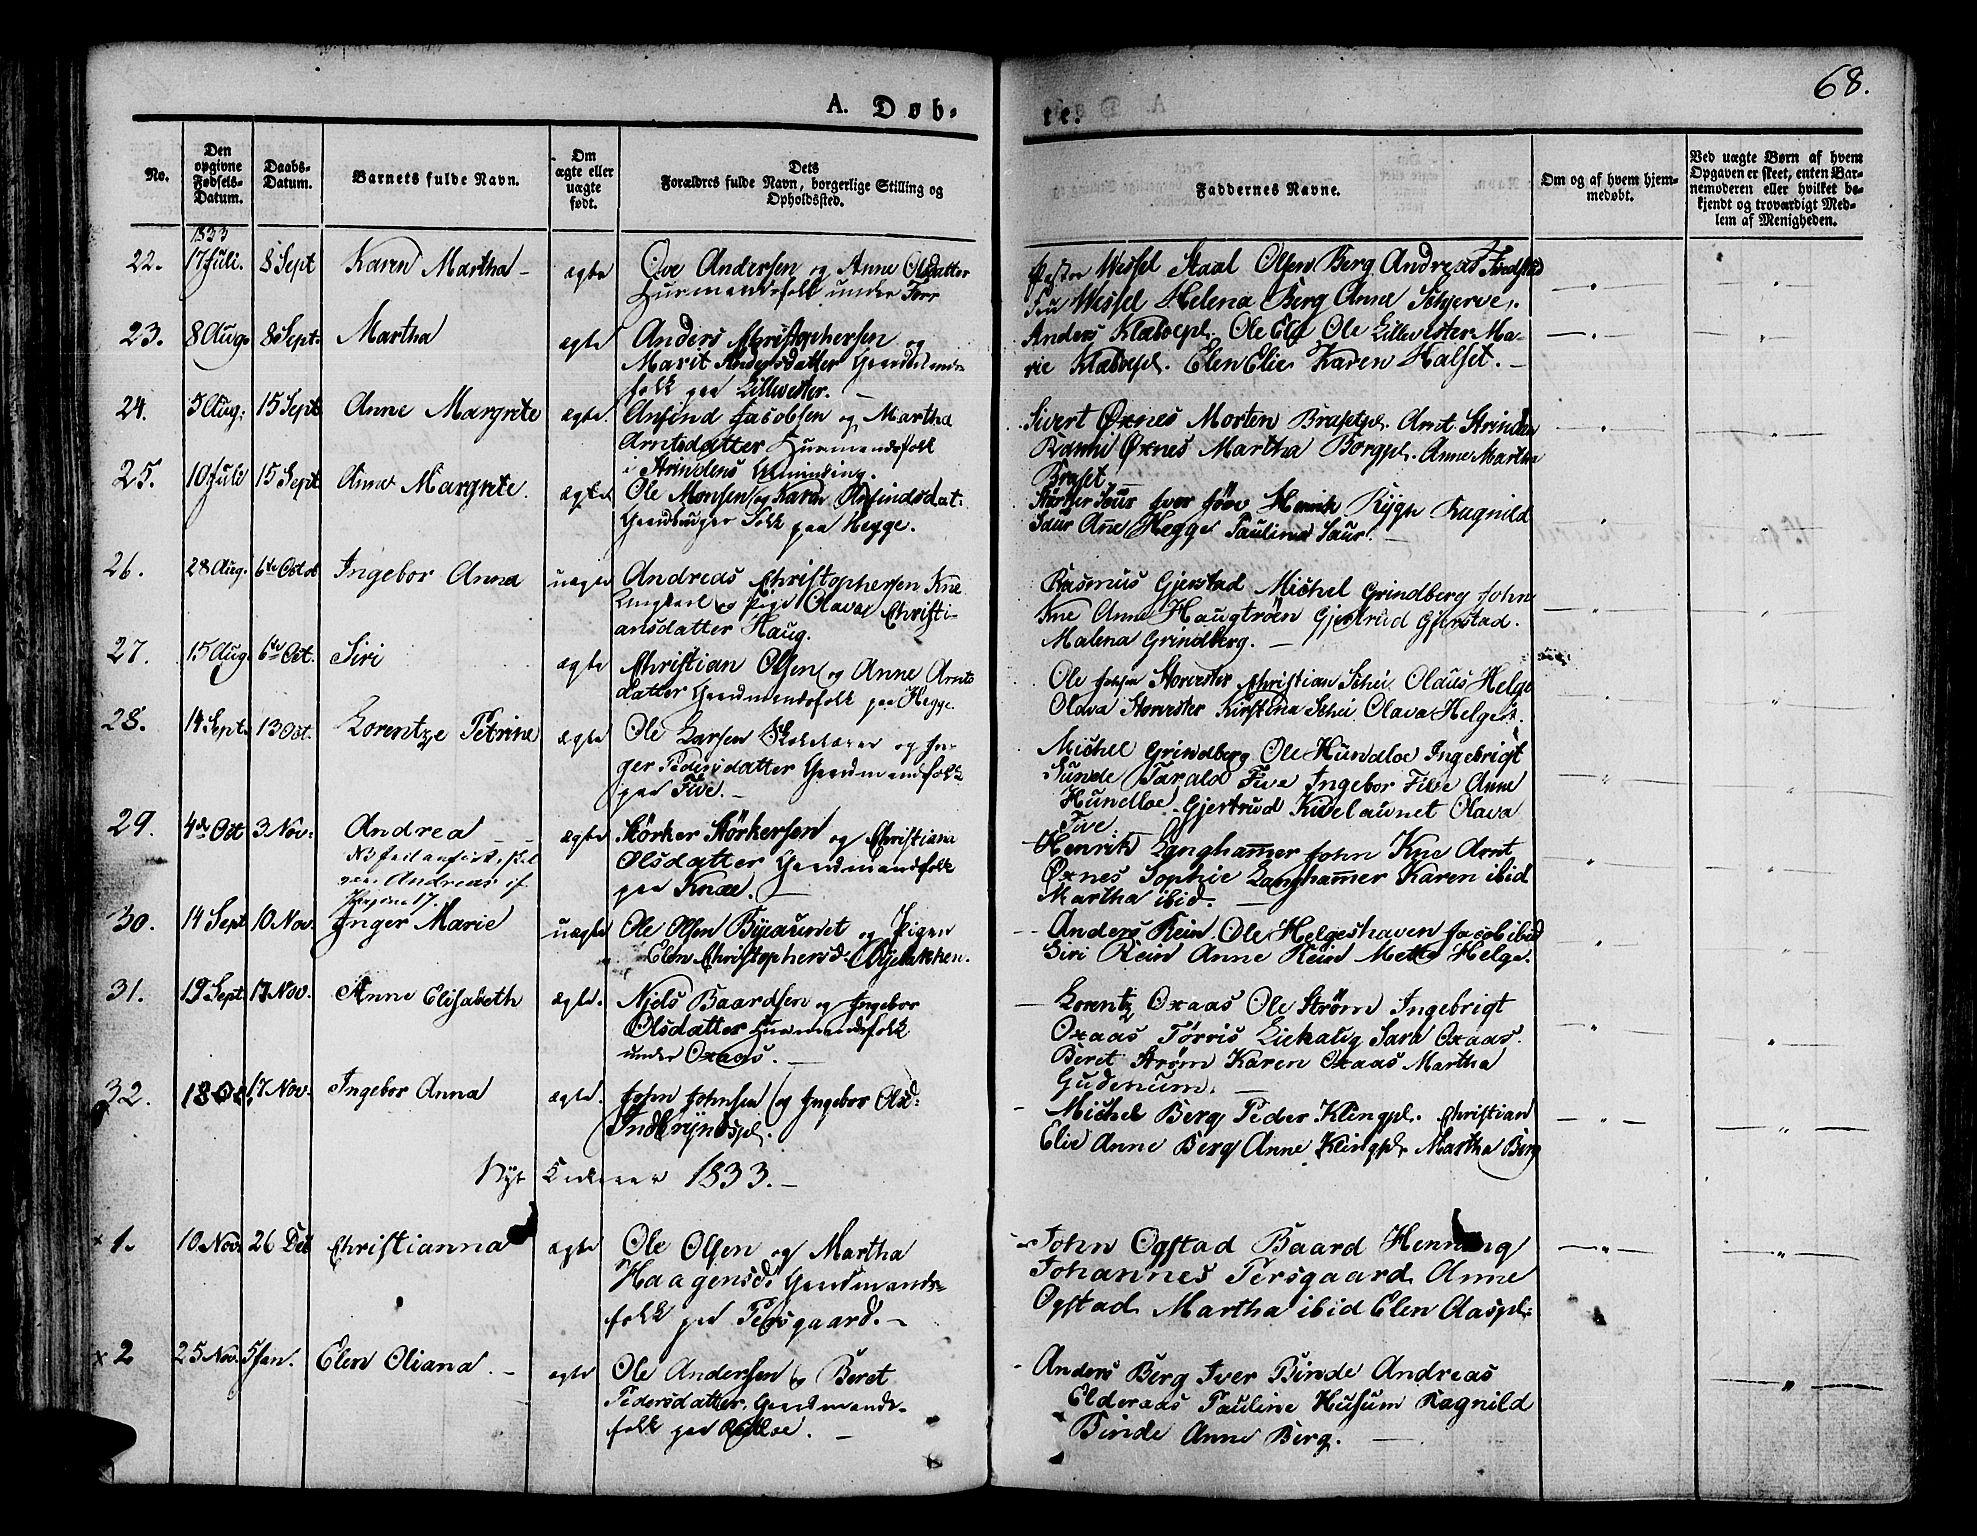 SAT, Ministerialprotokoller, klokkerbøker og fødselsregistre - Nord-Trøndelag, 746/L0445: Ministerialbok nr. 746A04, 1826-1846, s. 68